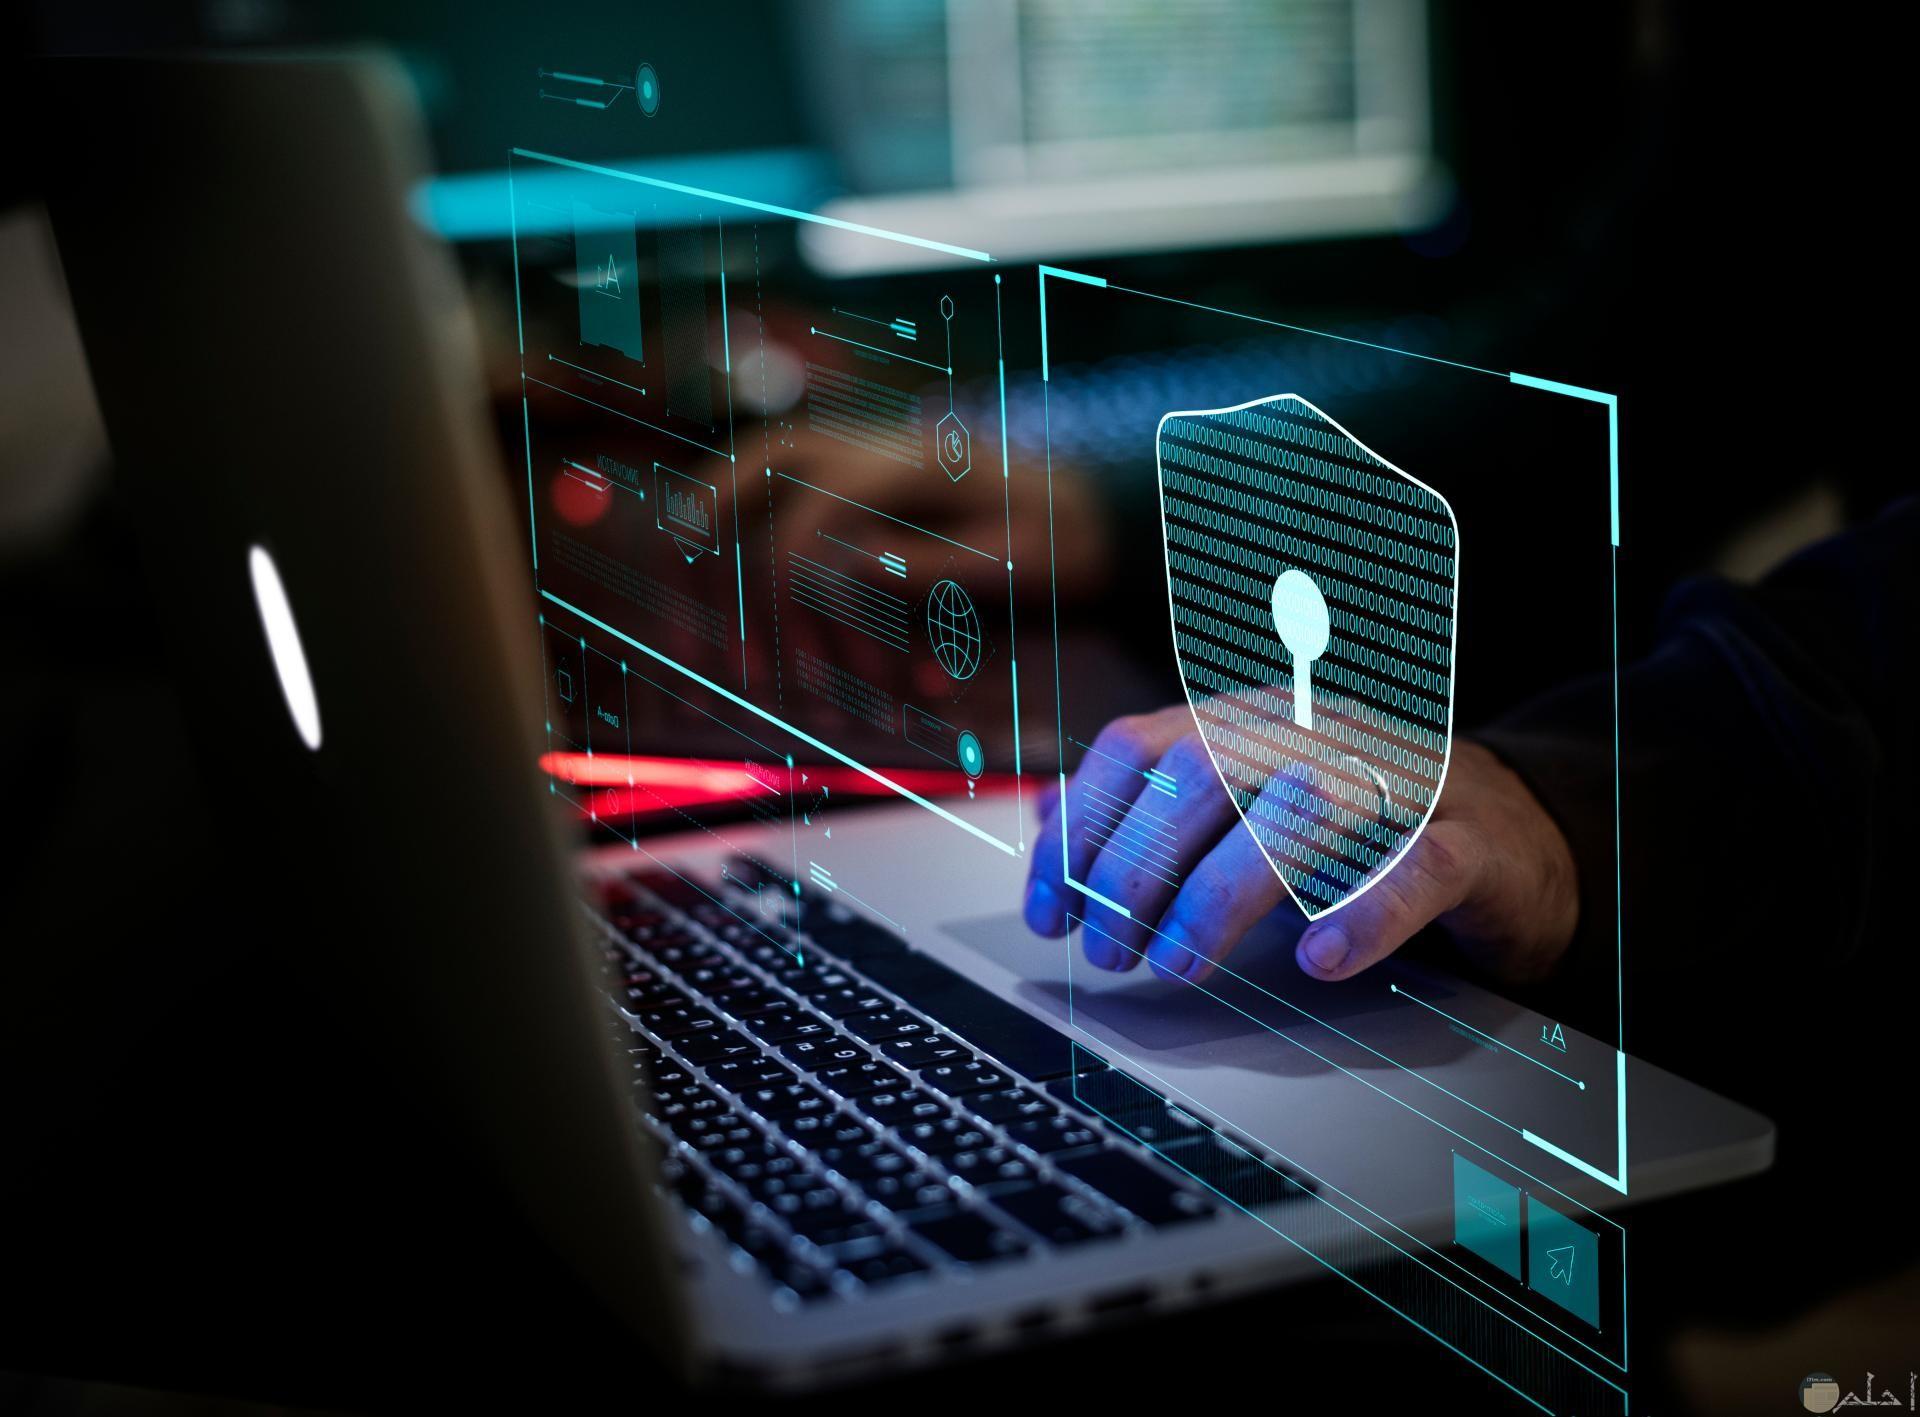 صورة لتكنولوجيا حديثة عن الأمن الرقمي وأهميته